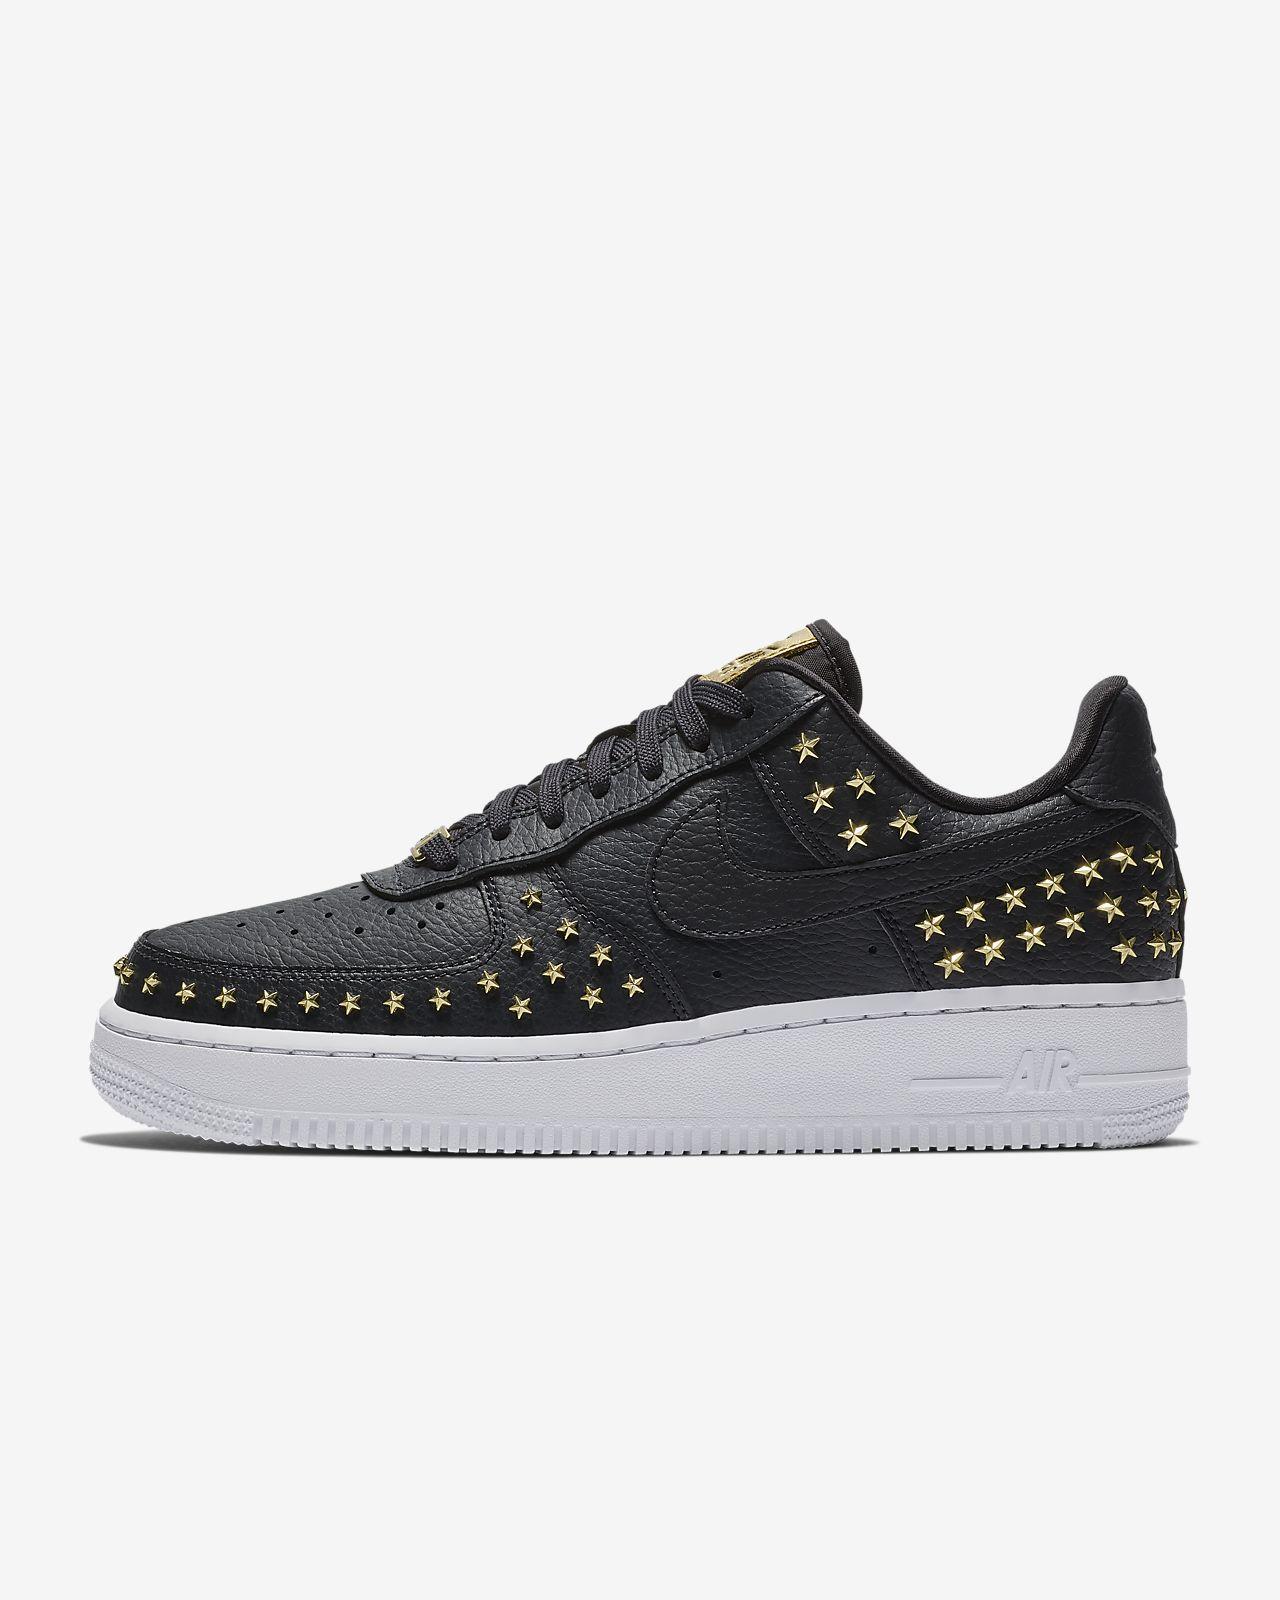 air force 1 con estrellas